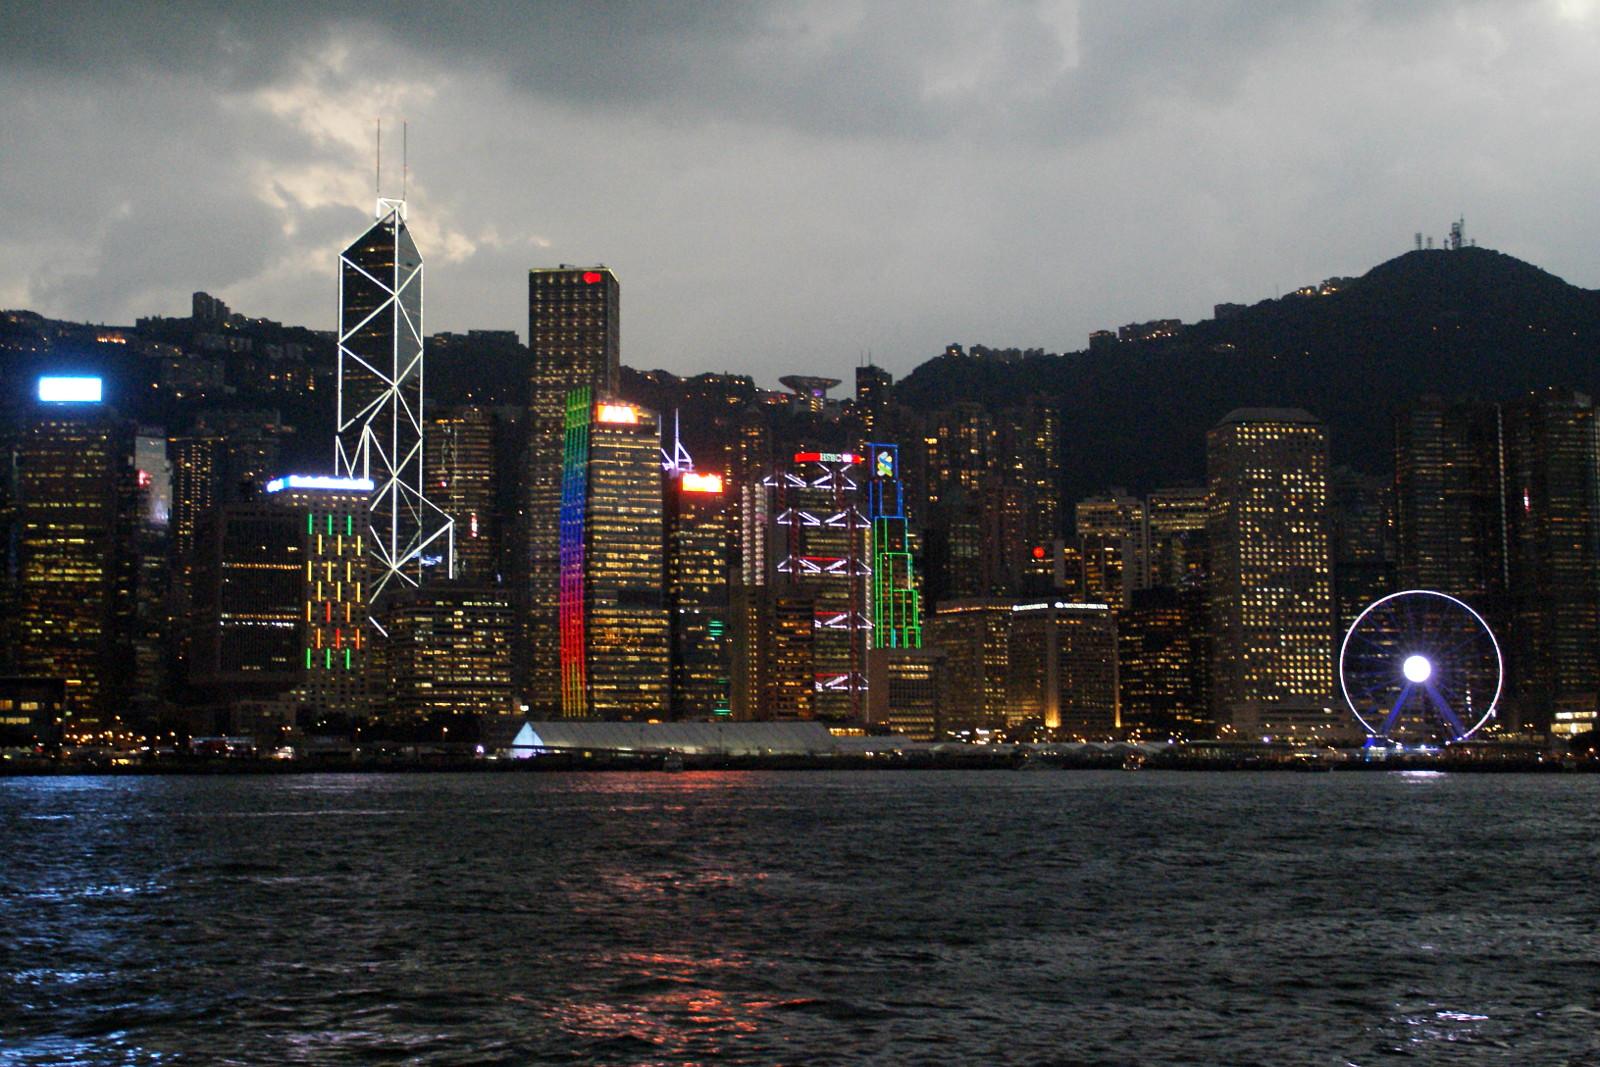 Hong Kong szívében alakították ki a Formula E pályát, a nagy sátor a 3000 VIP-vendégé, a kisebbek a csapatok szállásai